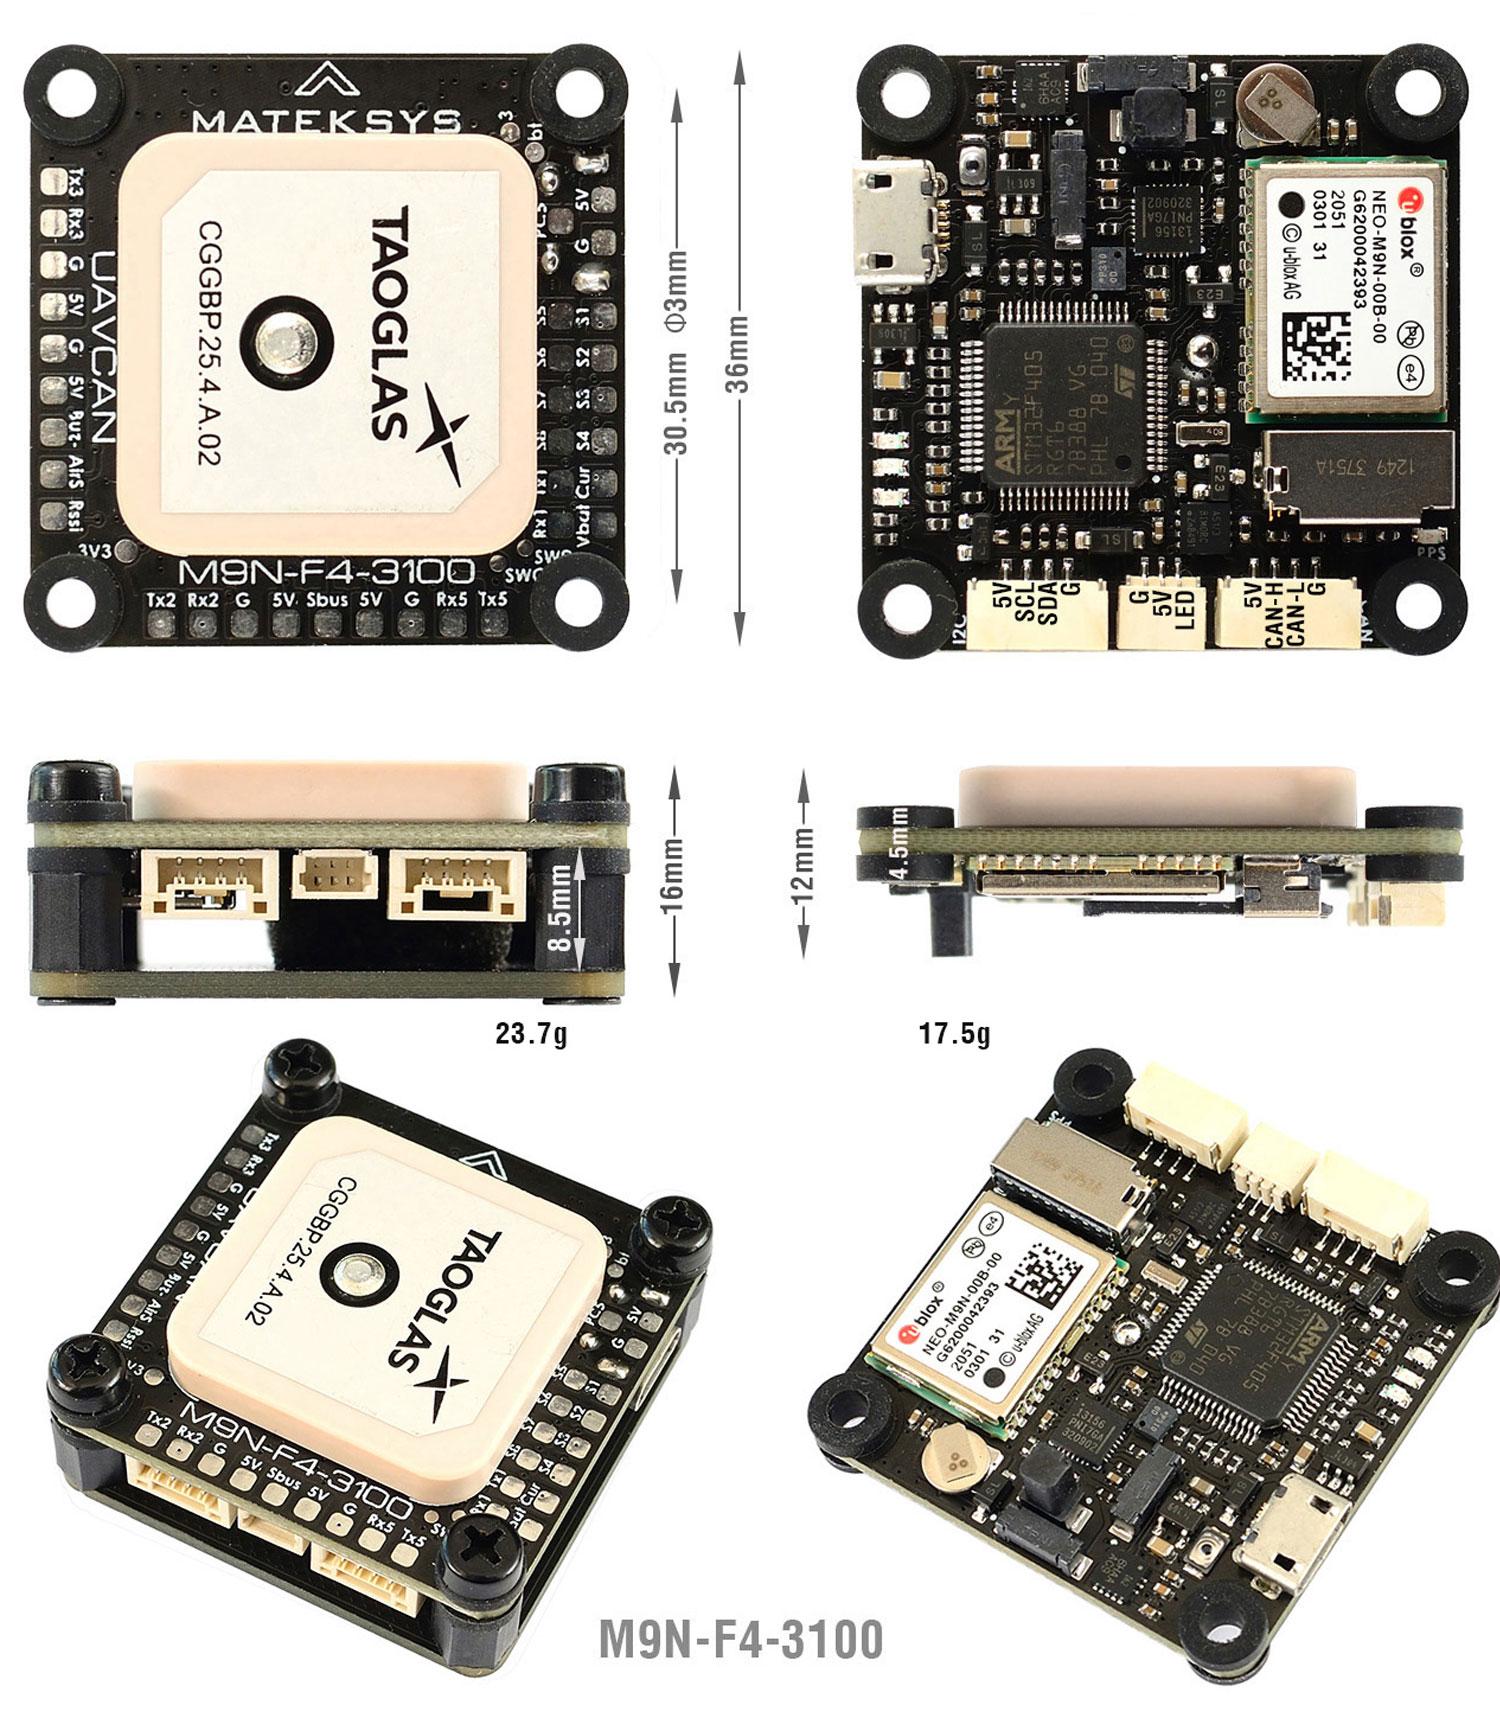 matek-gnss-m9n-f4-3100-flight-controller_3.jpg